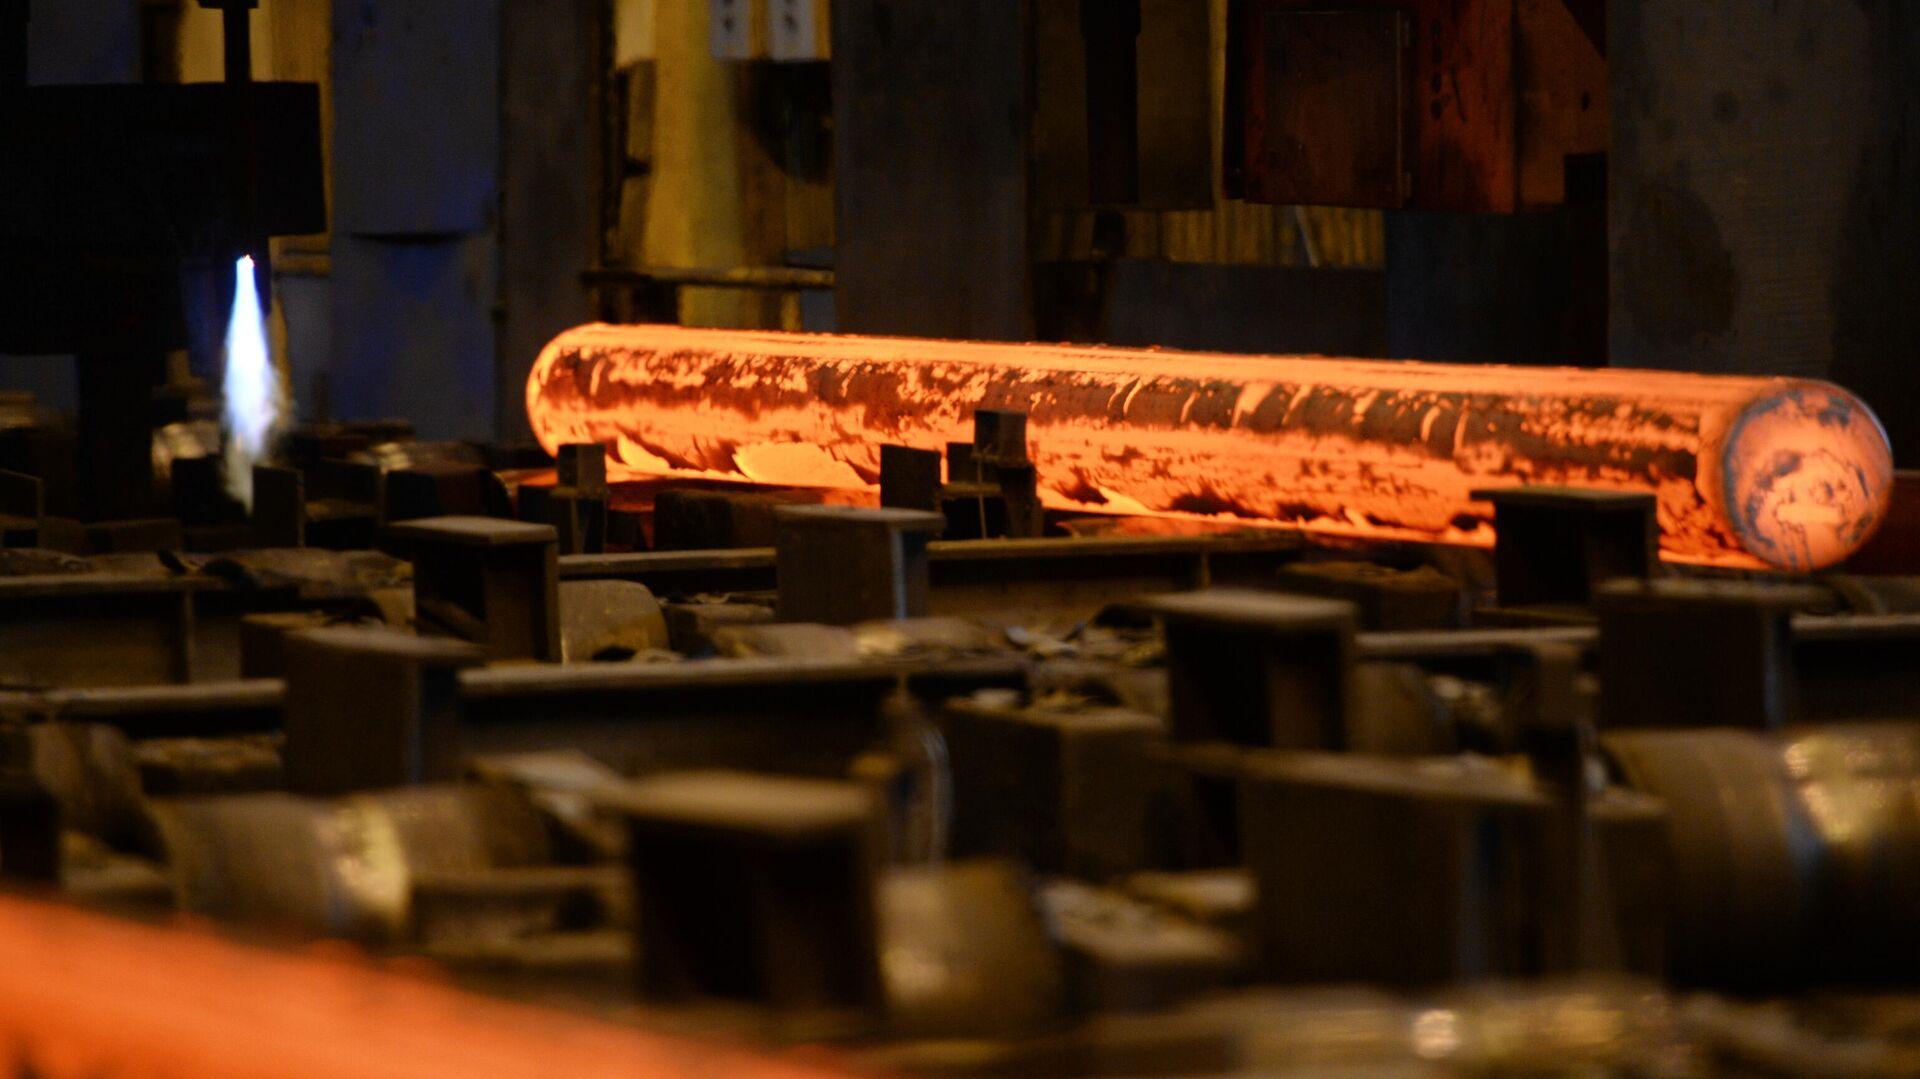 La producción de acer en una planta - Sputnik Mundo, 1920, 14.02.2021